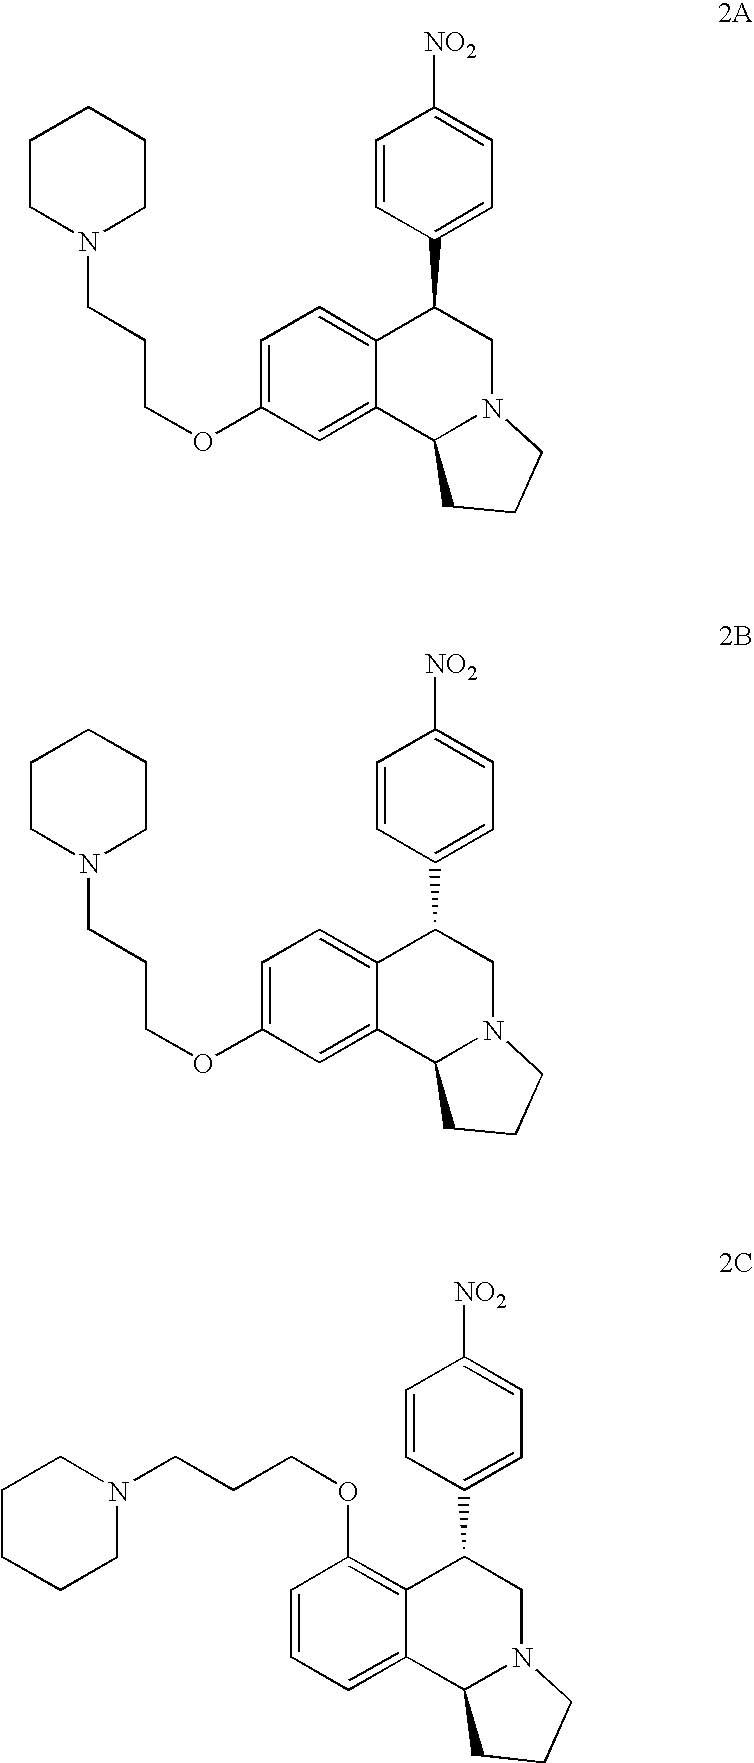 Figure US08273762-20120925-C00007